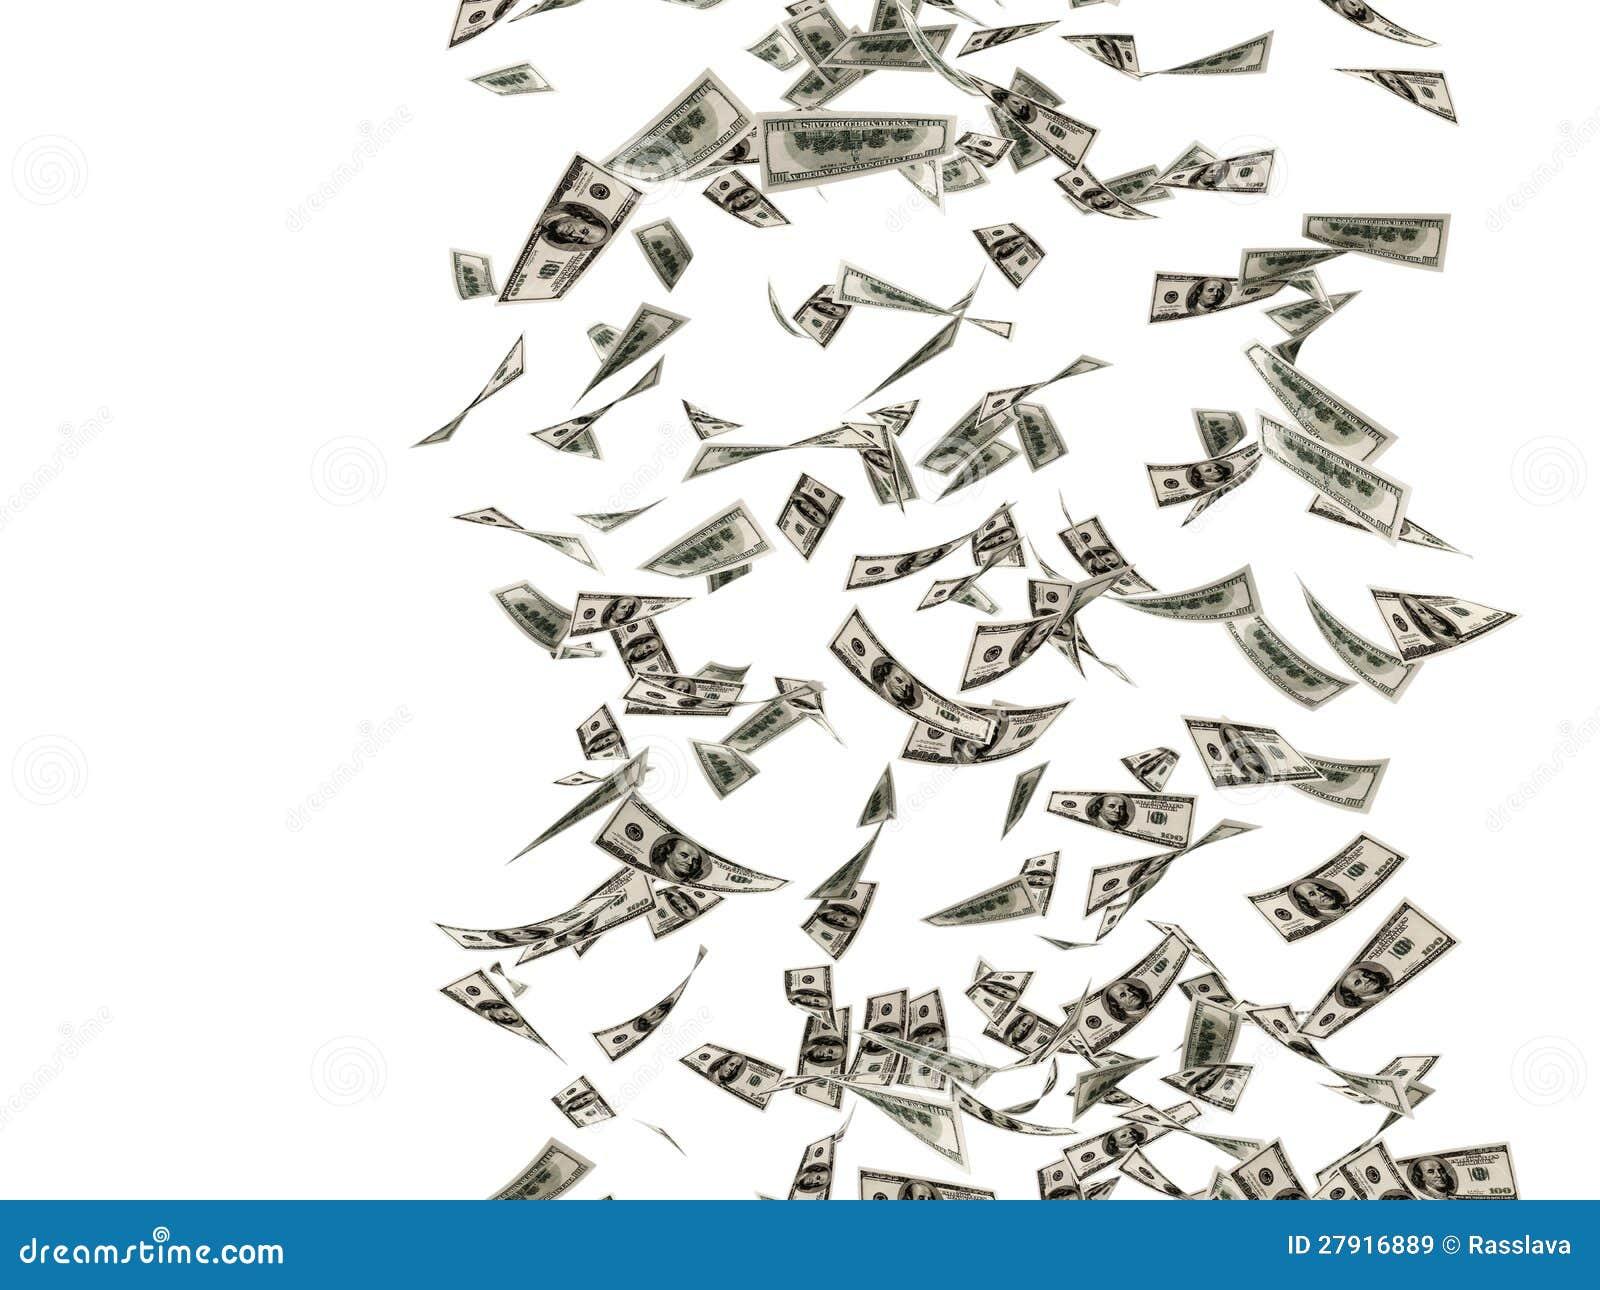 dollar bills falling on - photo #15